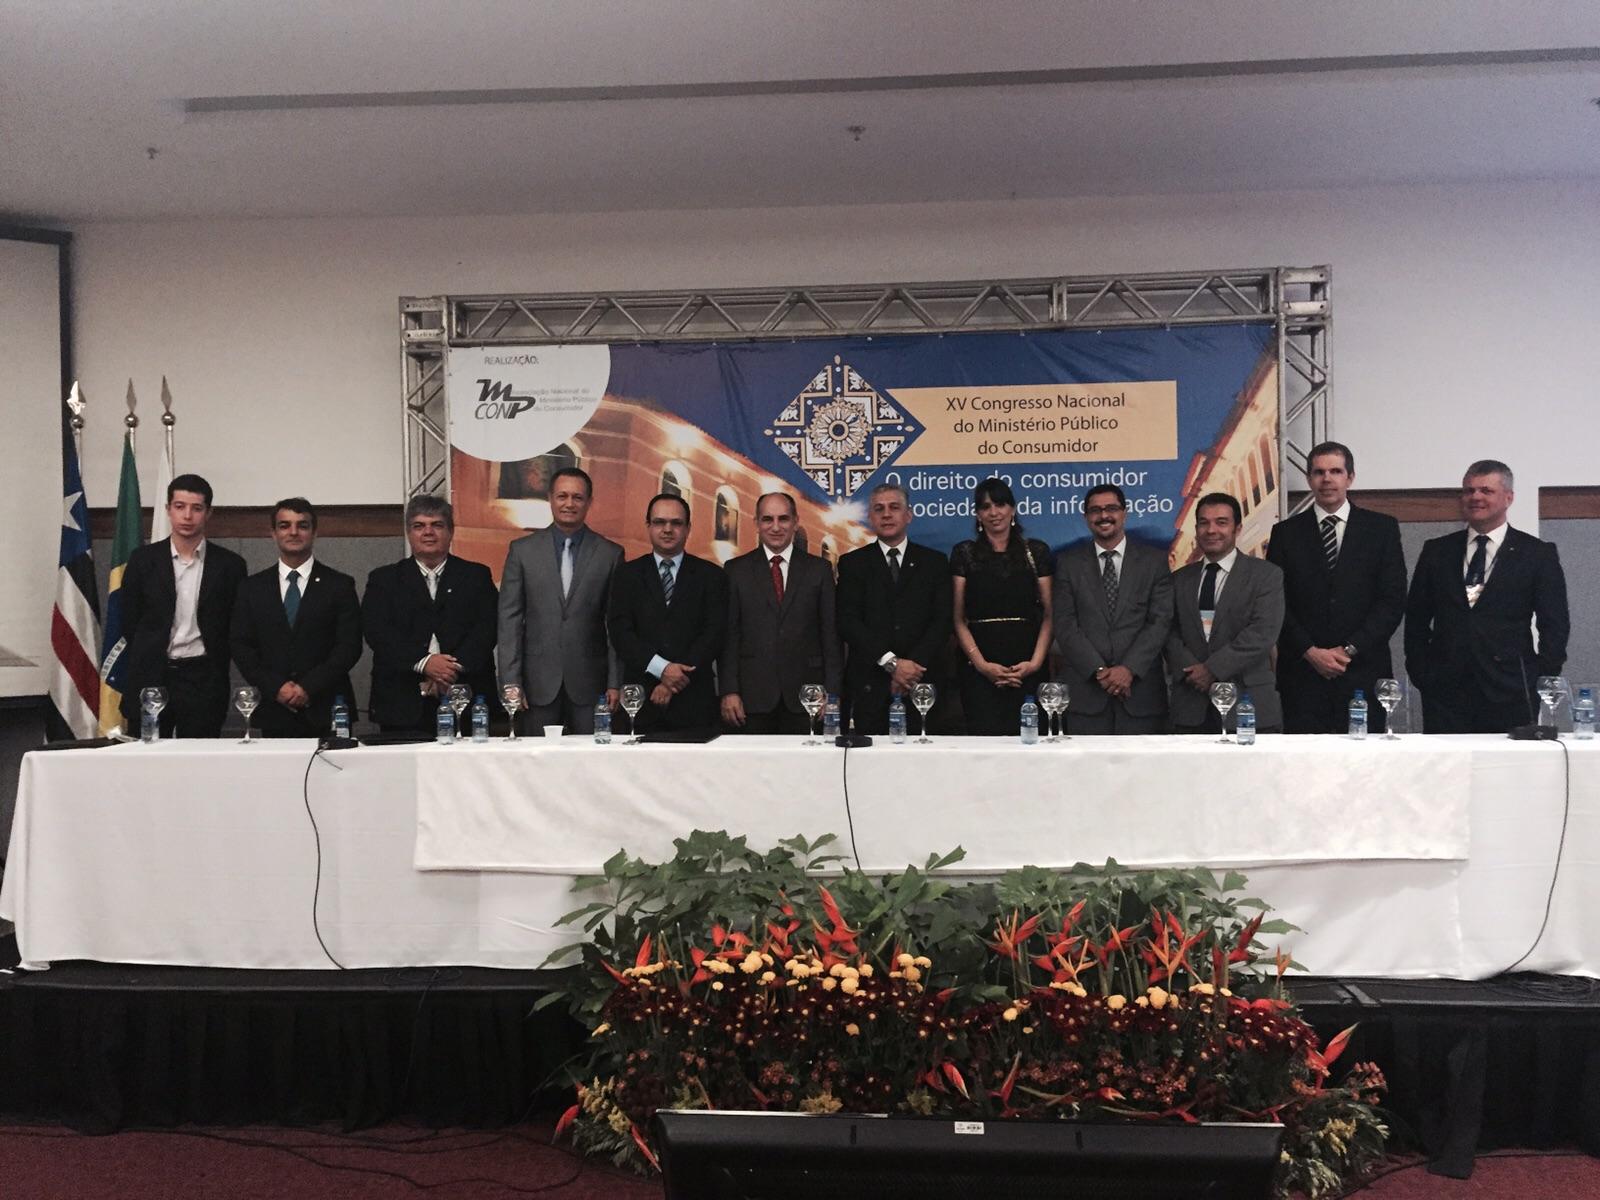 XV Congresso Nacional do Ministério